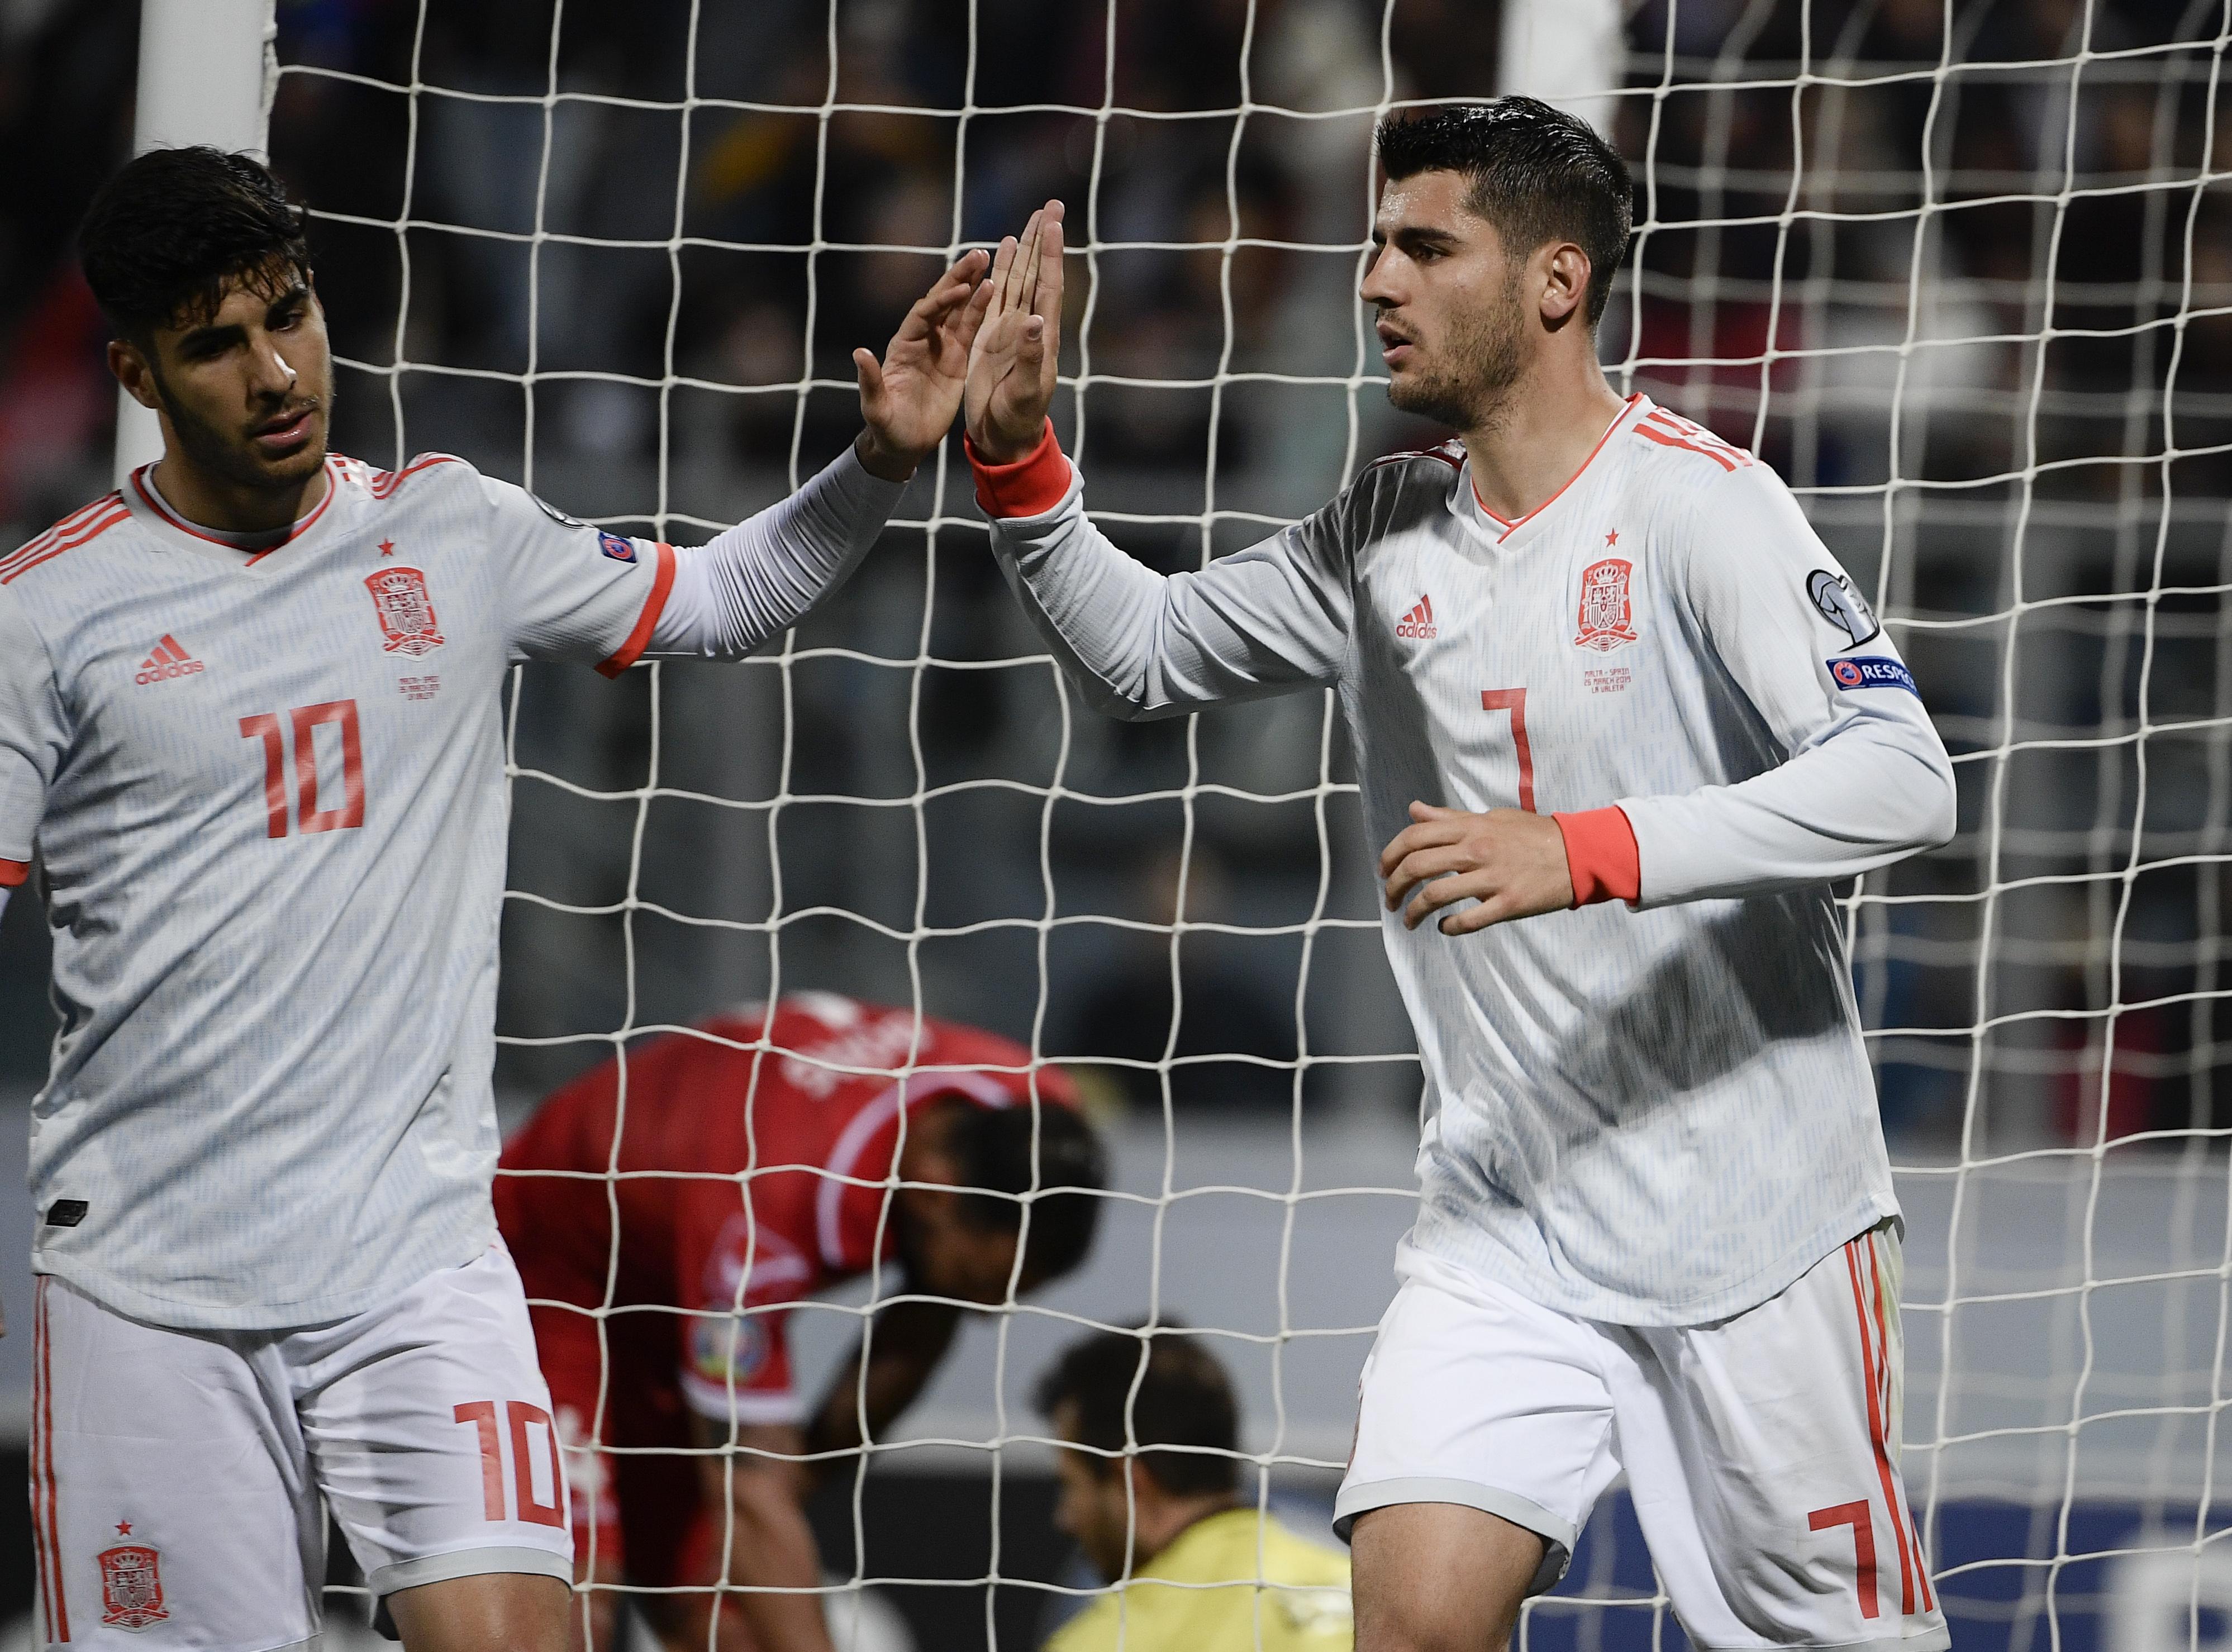 Álvaro Morata celebra después de anotar uno de sus goles en el partido Malta vs España. (Foto Prensa Libre: AFP)